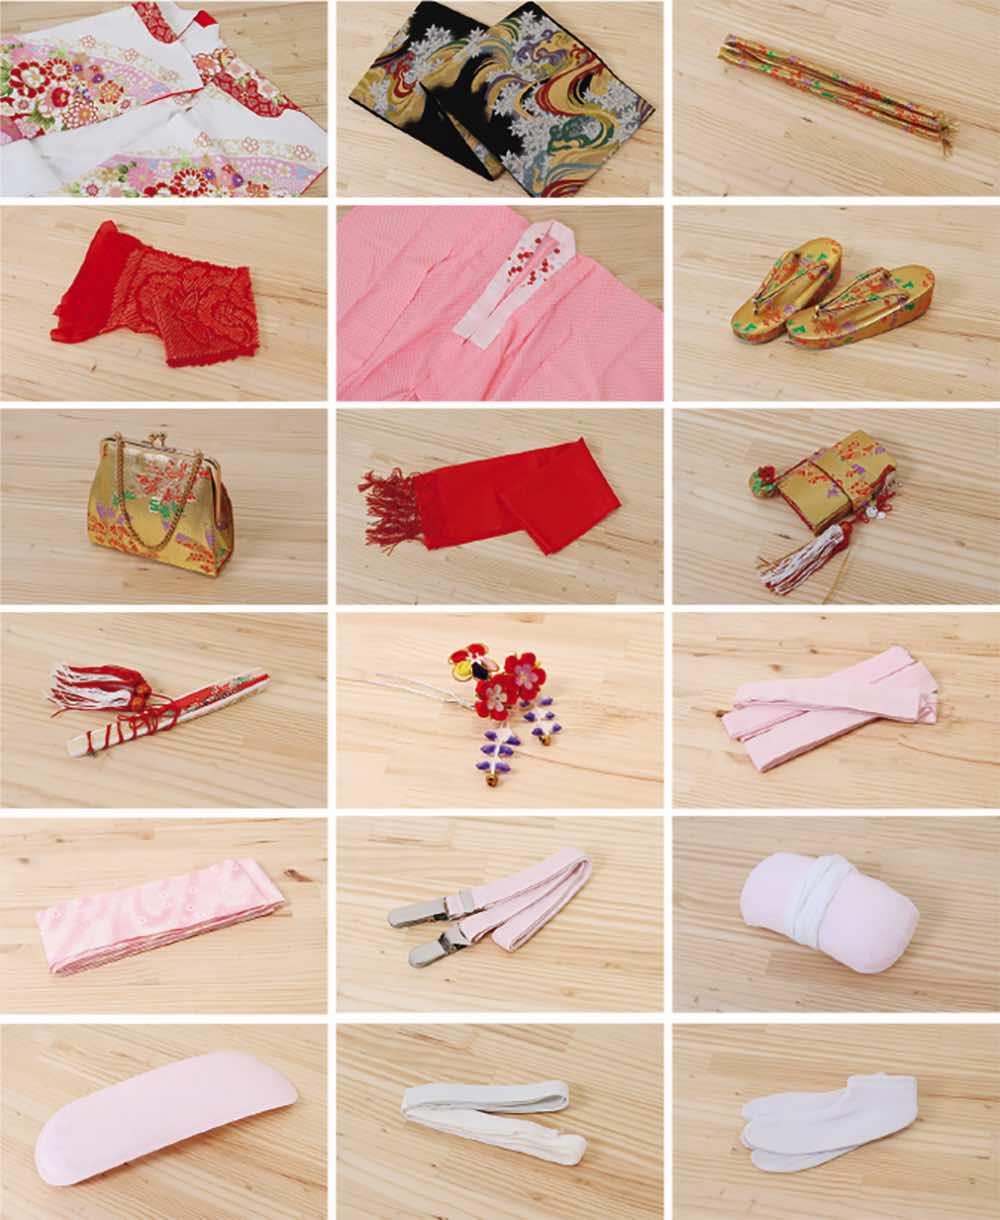 七五三(七歳)レンタル | 正絹 ピンク地に鞠と市松 のセット内容